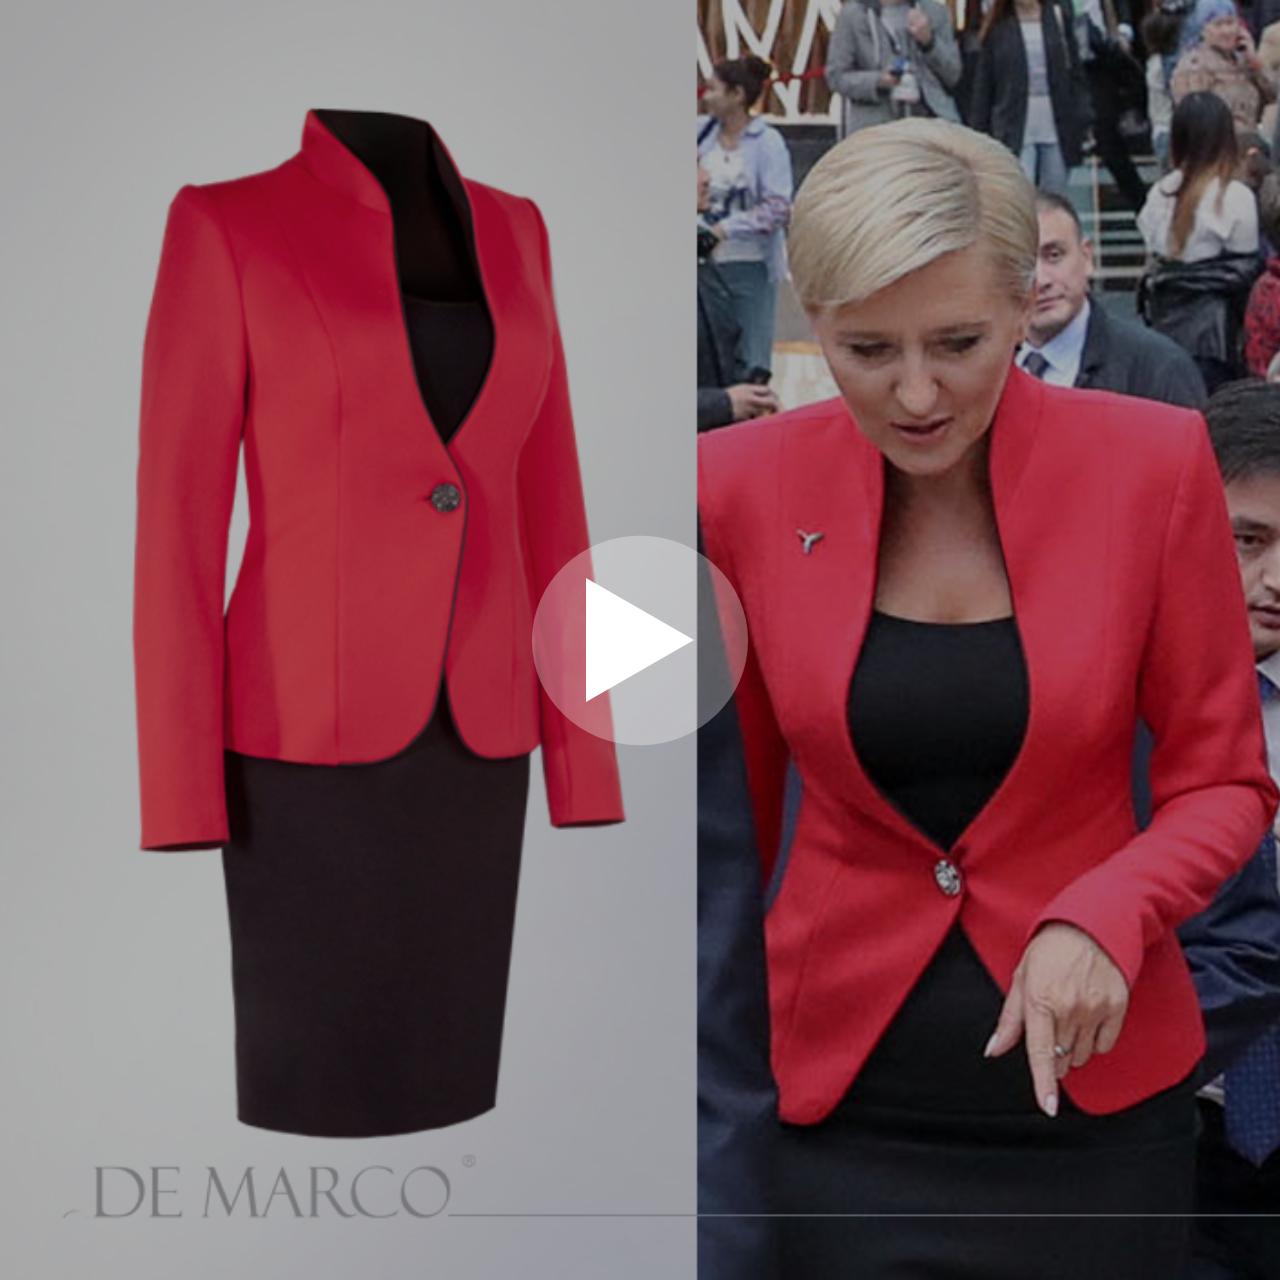 Pierwsza Dama Agata Kornhauser-Duda w czerwonej stylizacji od projektantki z Frydrychowic. Piękny kostium damski na wizyty, komunię, przyjęcia weselne i inne uroczystości. Sklep internetowy De Marco zaprasza do obejrzenia kilka ujęć Pani Prezydentowej w komplecie Venus. Zestaw obejmuje żakiet i spódnice.